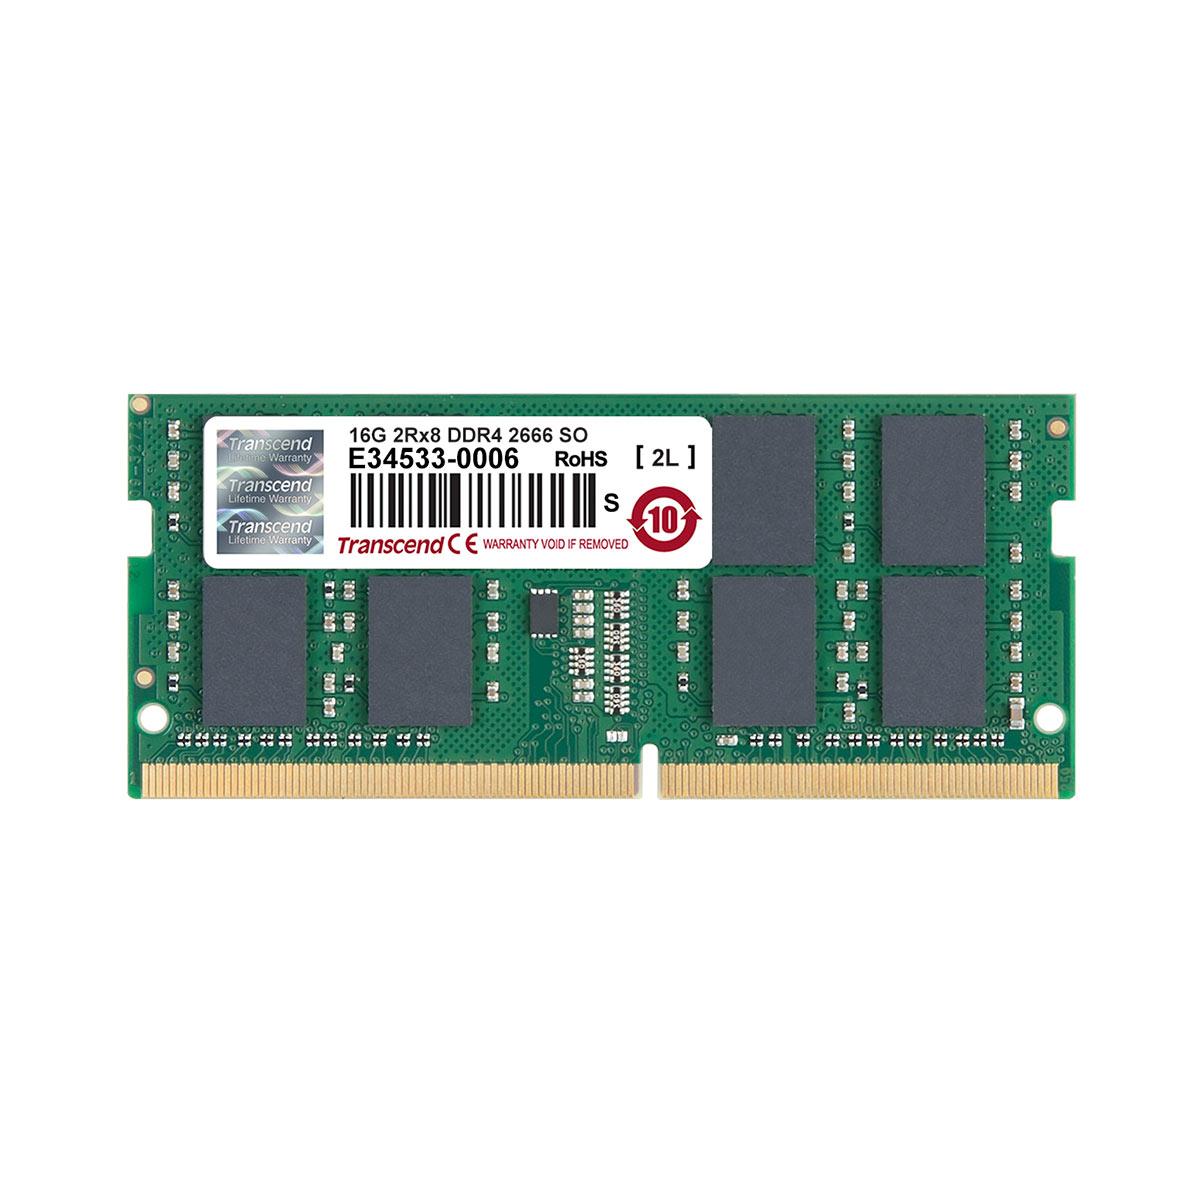 【1月17日値下げしました】Transcend 増設メモリー 16GB ノートPC用 DDR4-2666 PC4-21300 SO-DIMM PCメモリ メモリーモジュール ノートパソコン用[TS2GSH64V6B]【ネコポス対応】【BOX受取対象商品】【送料無料】